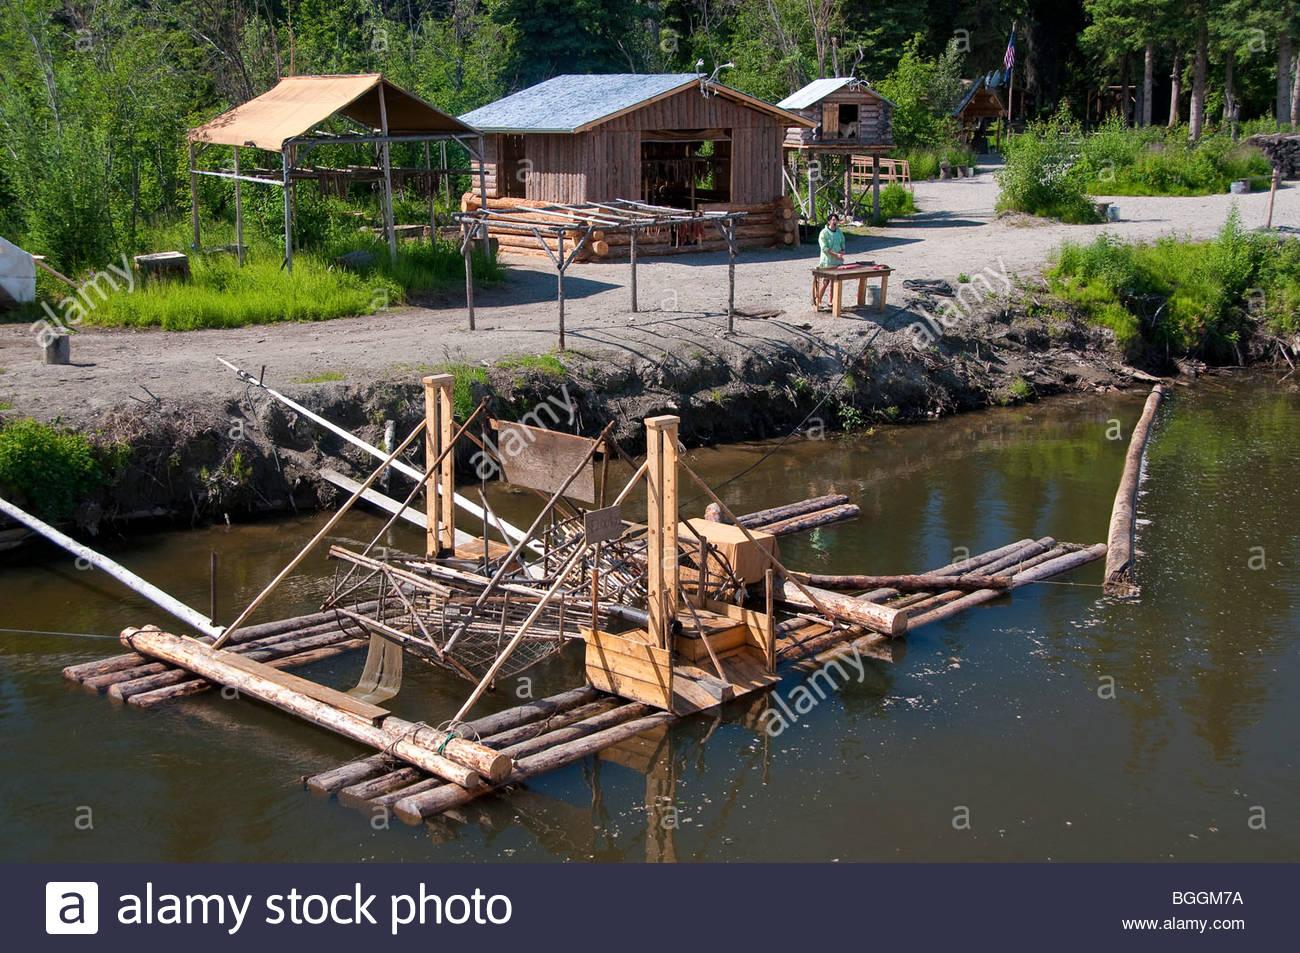 Alaska, Fairbanks. Schaufelrad Riverboat Entdeckungstour entlang der Chena River gibt Touristen einen Vorgeschmack Stockbild